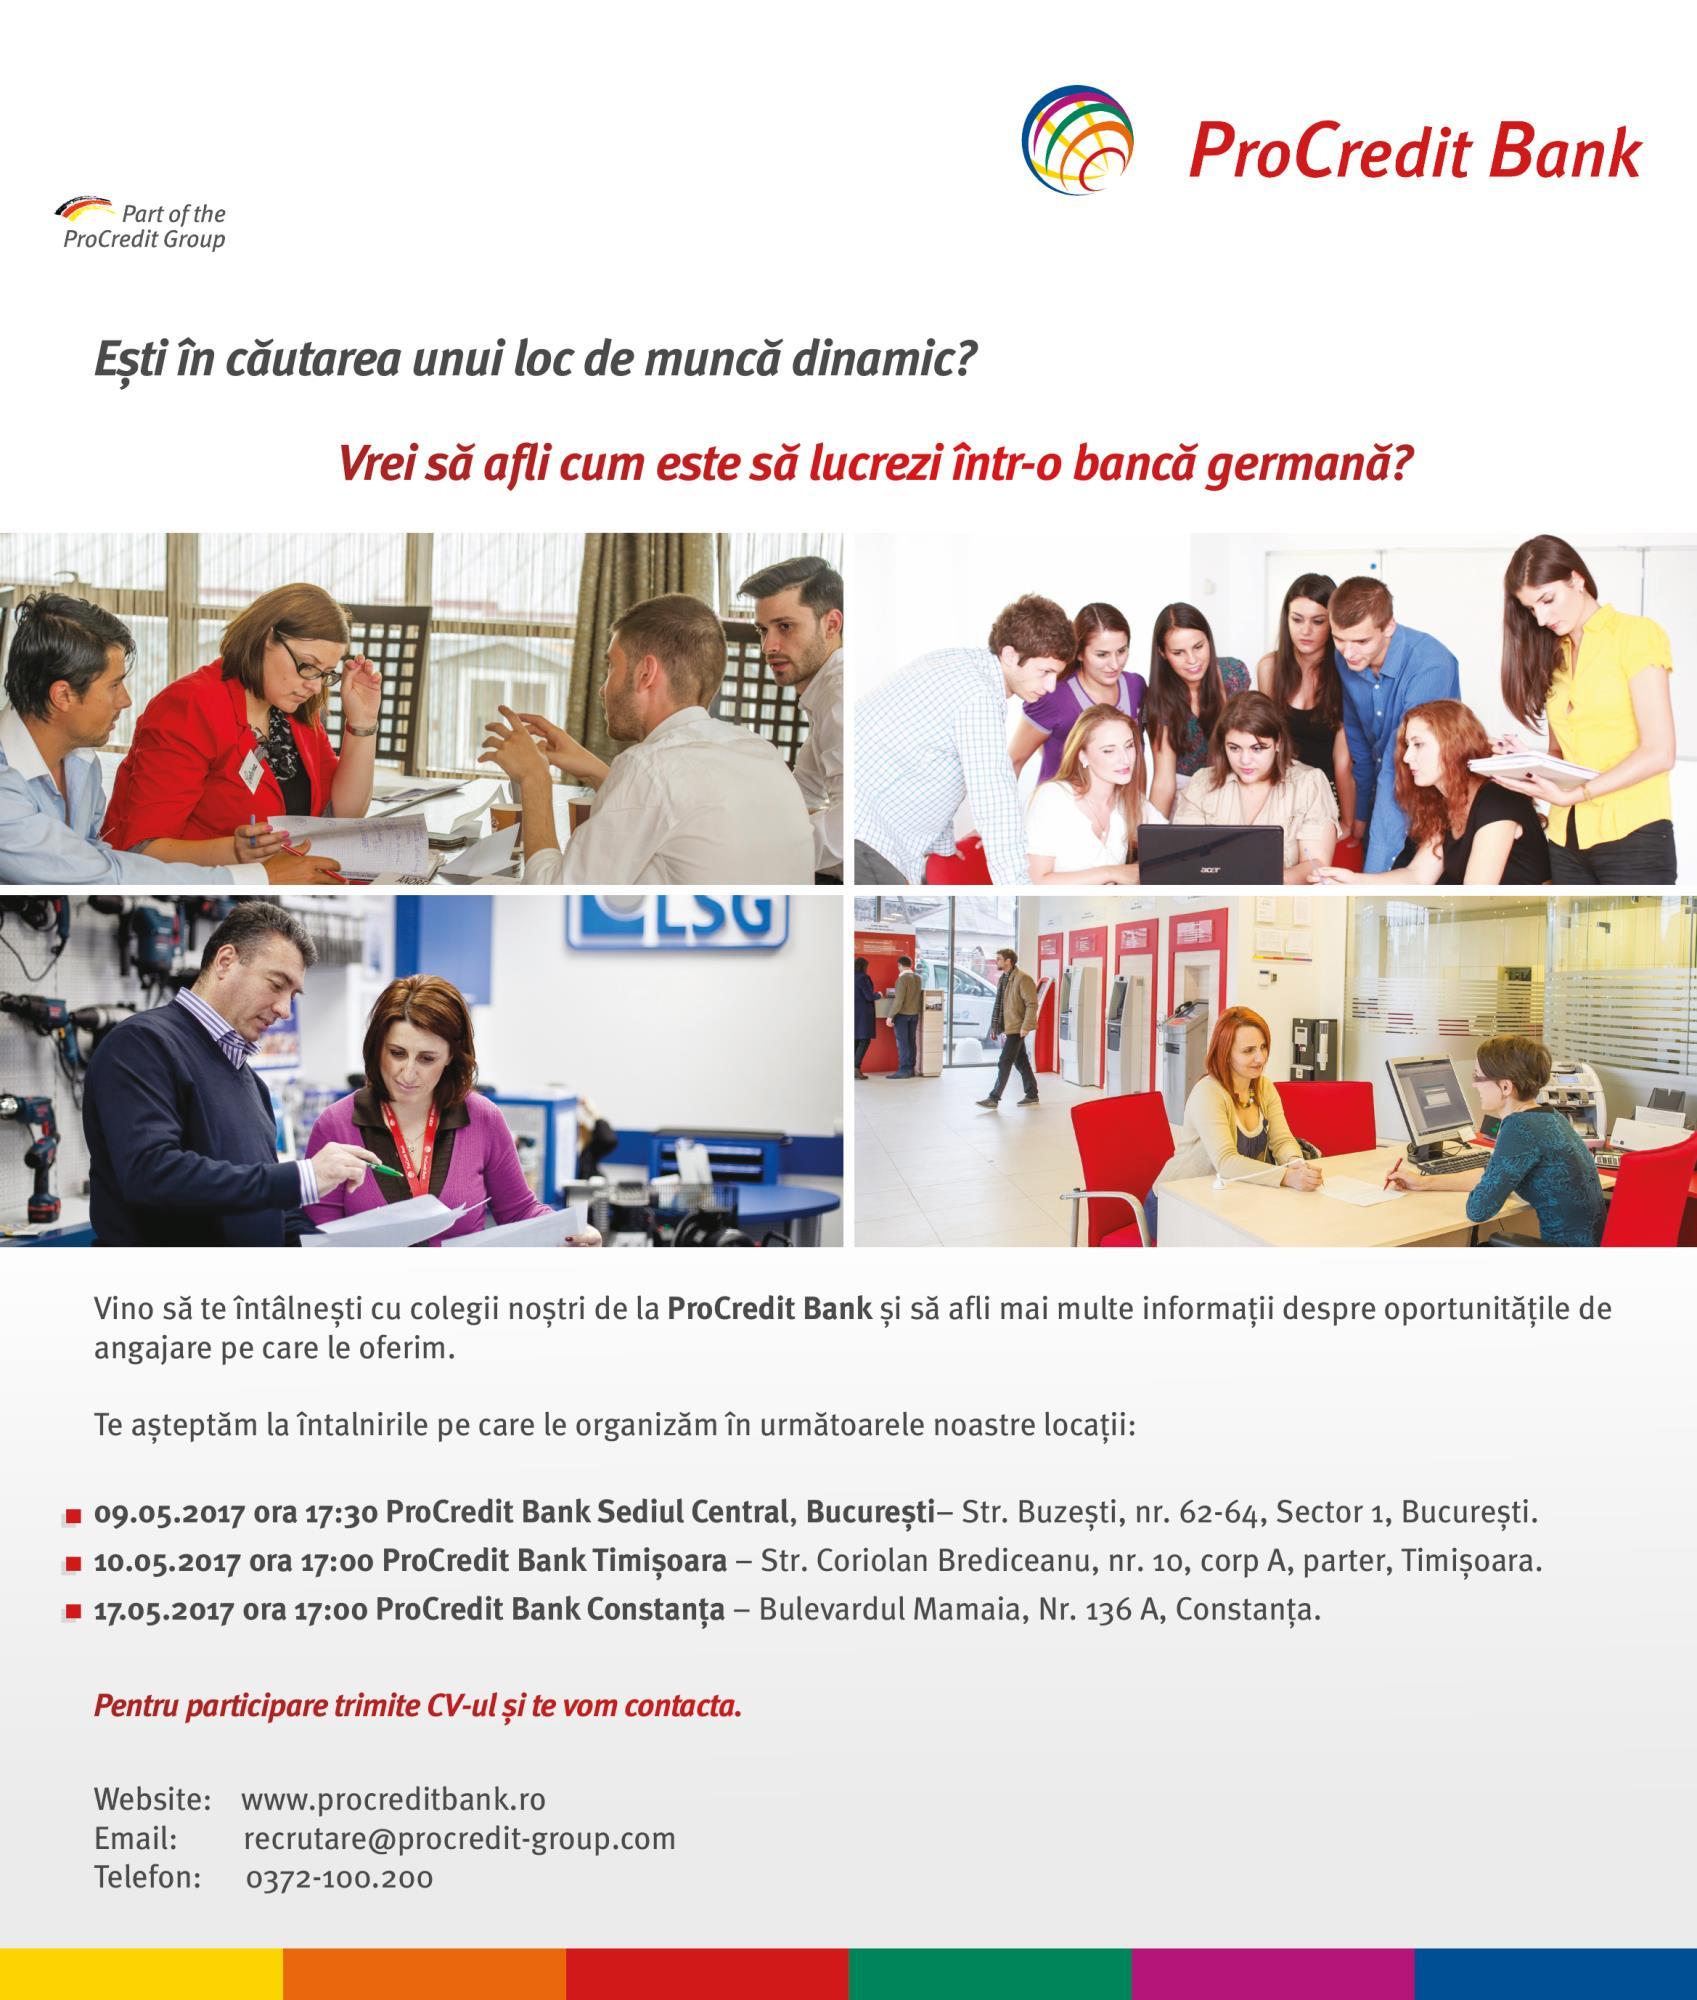 Află cum poți începe o carieră la ProCredit Bank!